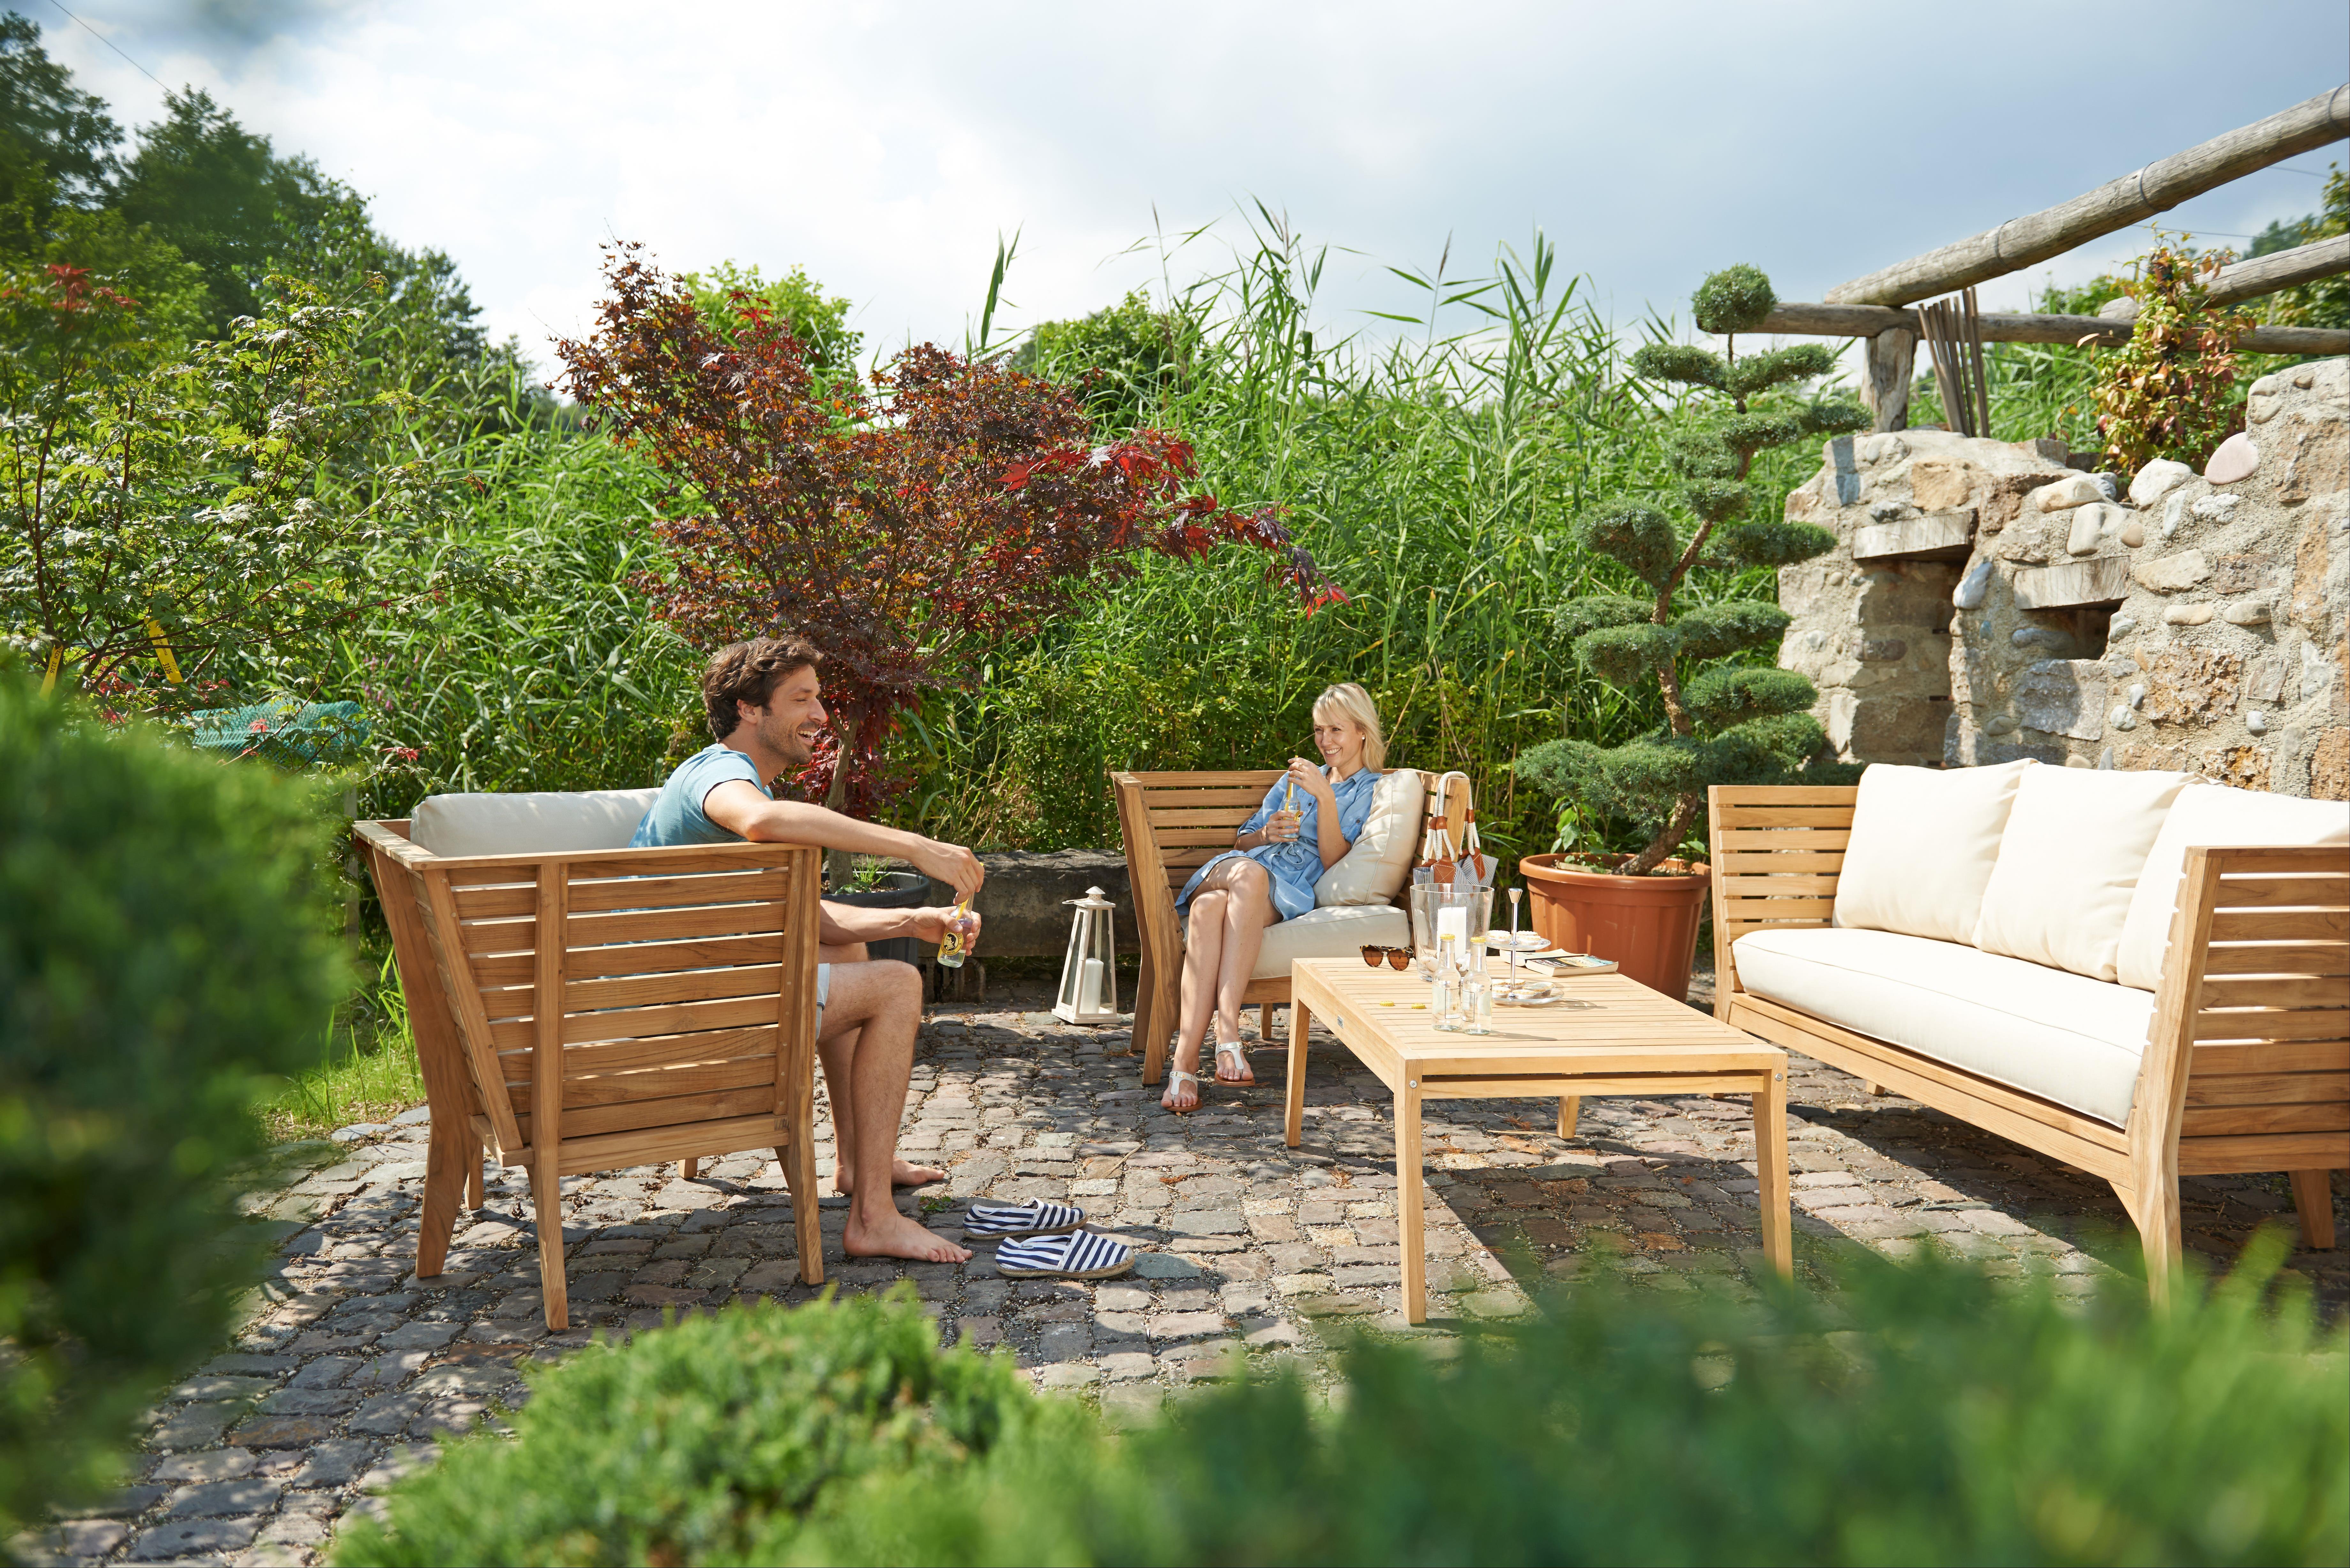 Gartenmöbel / Lounge Möbel Set acamp Aurora 4tlg. Teak - bei ...